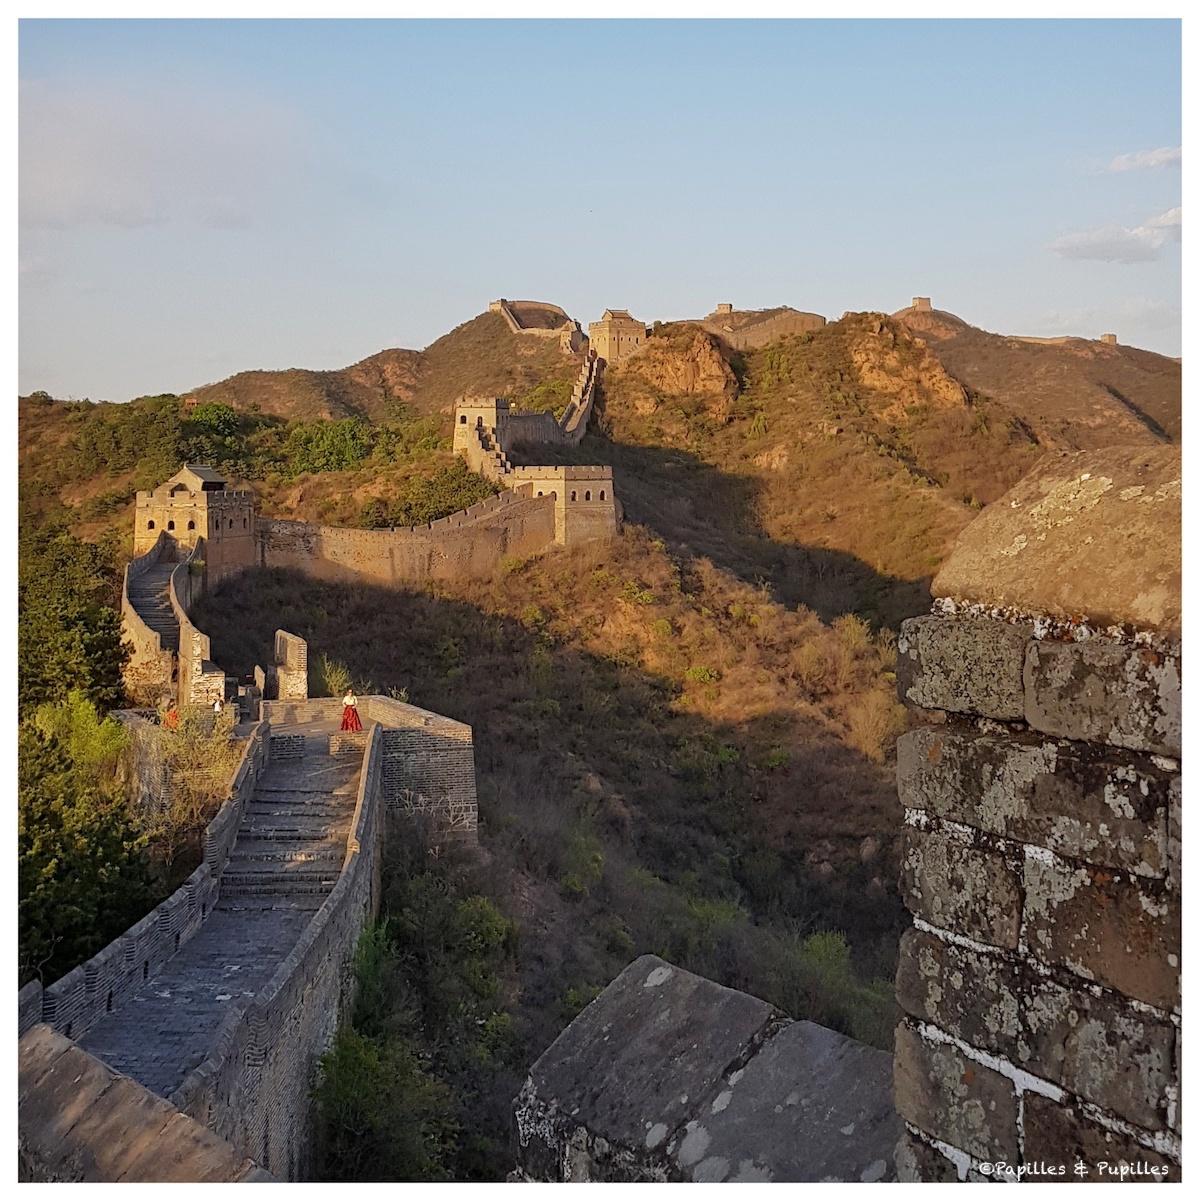 Vue sur la grande muraille